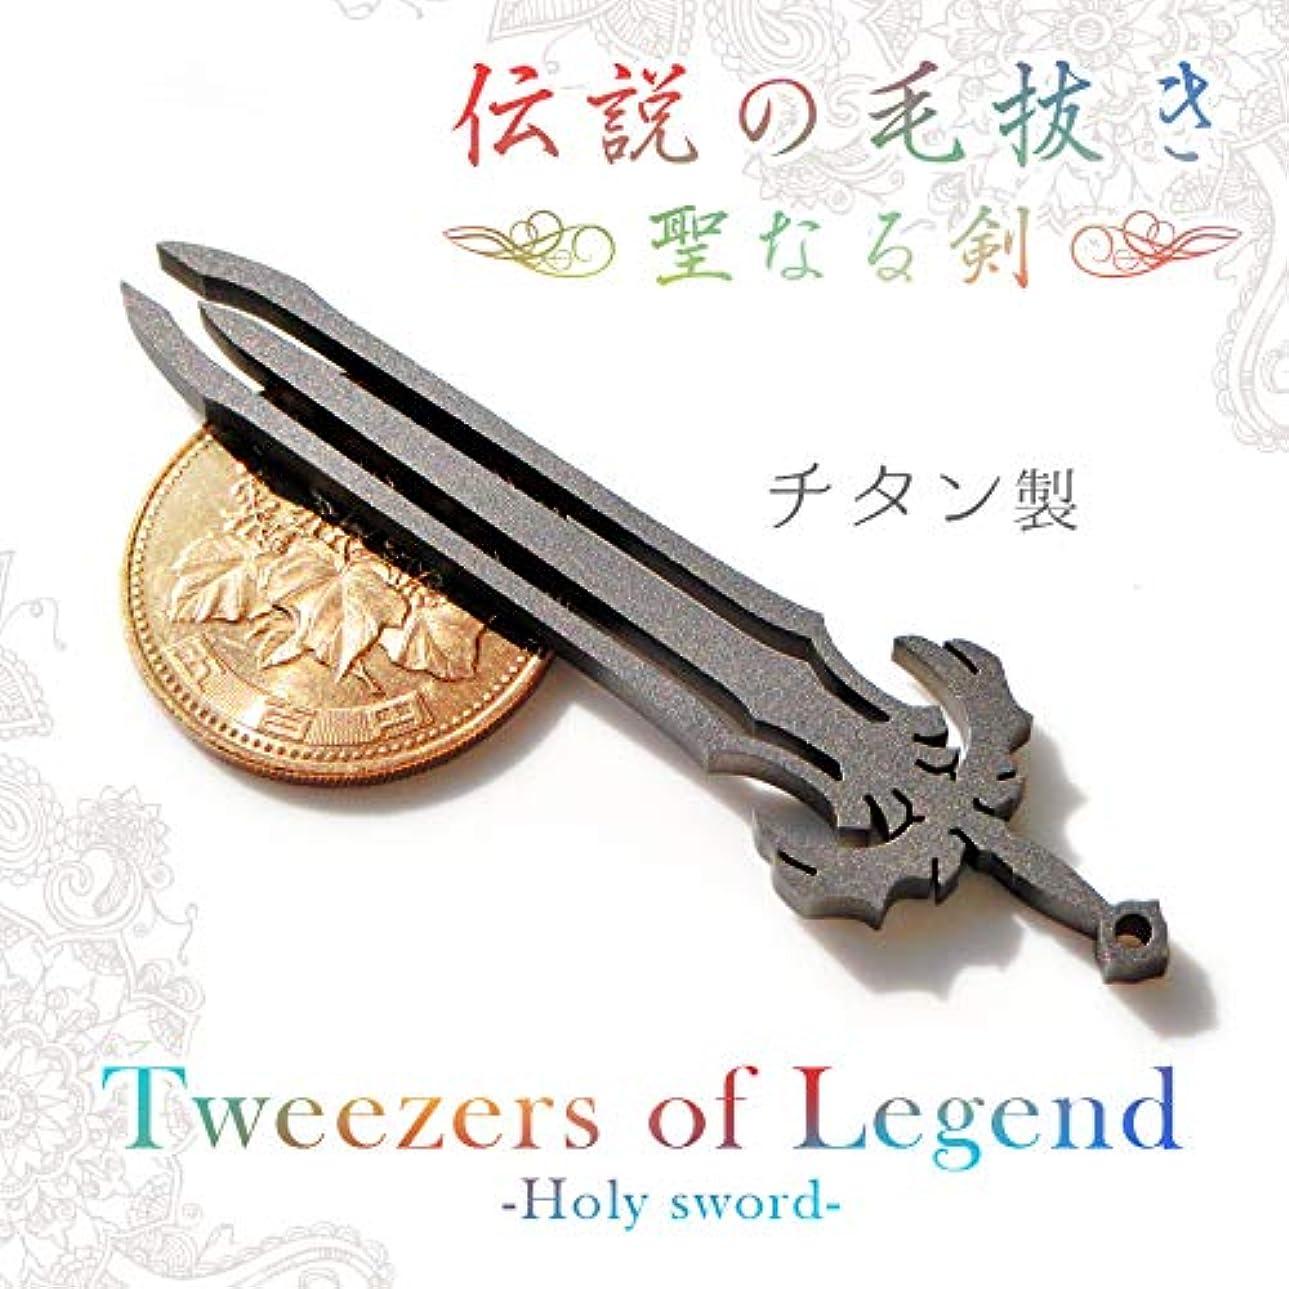 ロール摂氏永遠の伝説の毛抜き-聖なる剣-【超精密加工仕上げ】